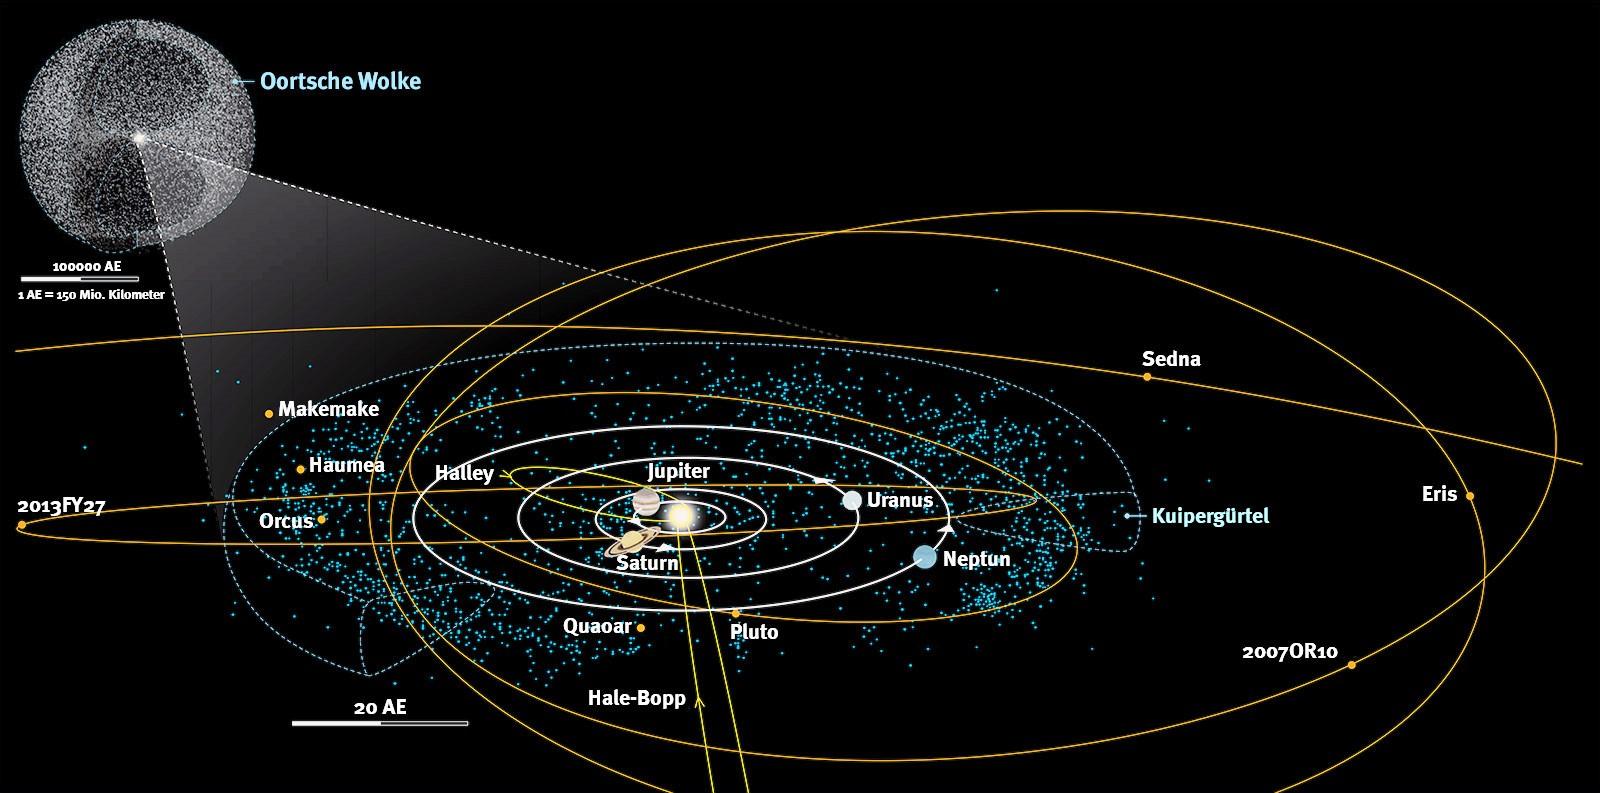 Äußeres Sonnensystem